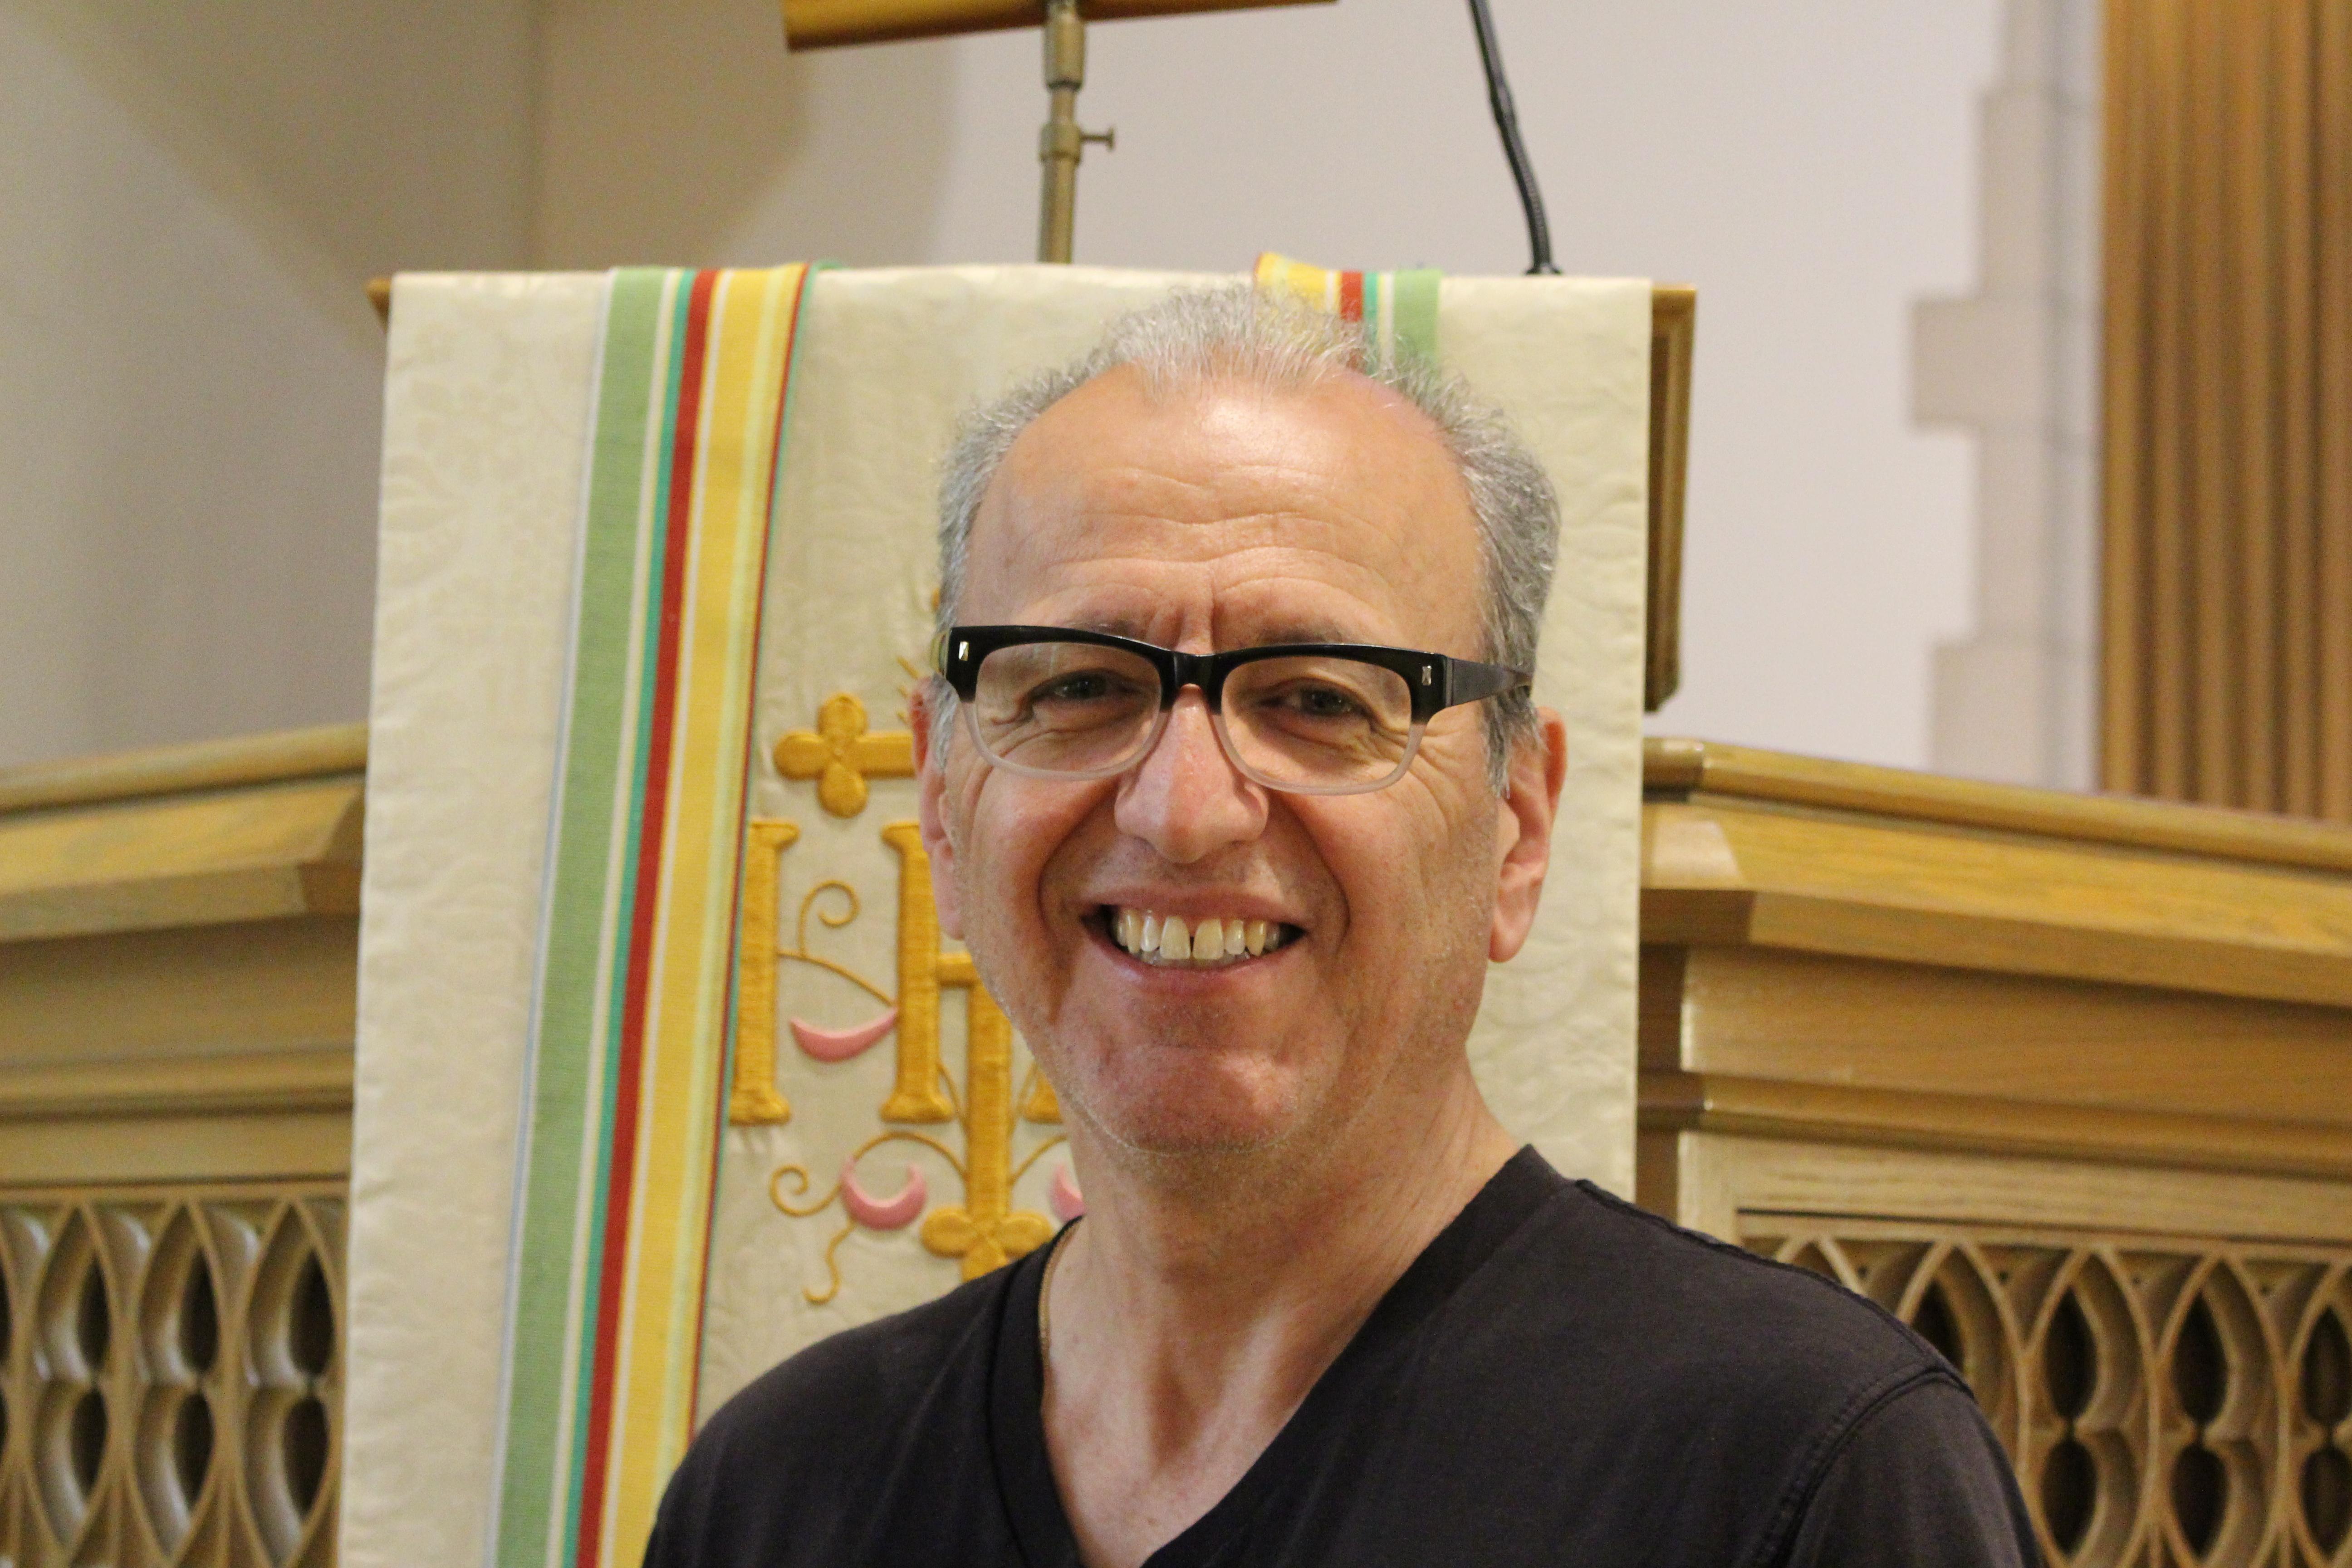 Jim Yolevski